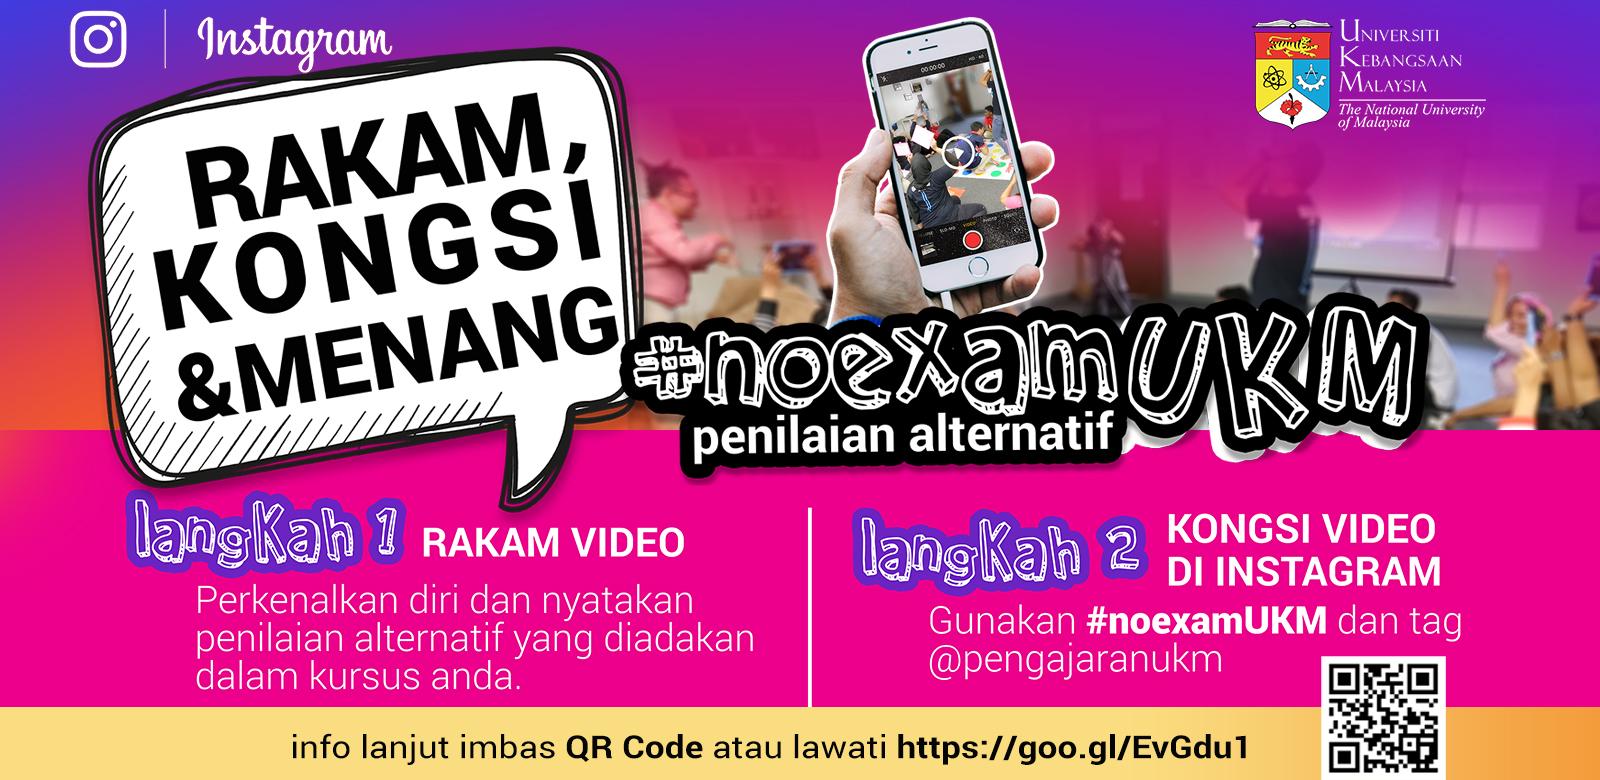 #noexamUKM